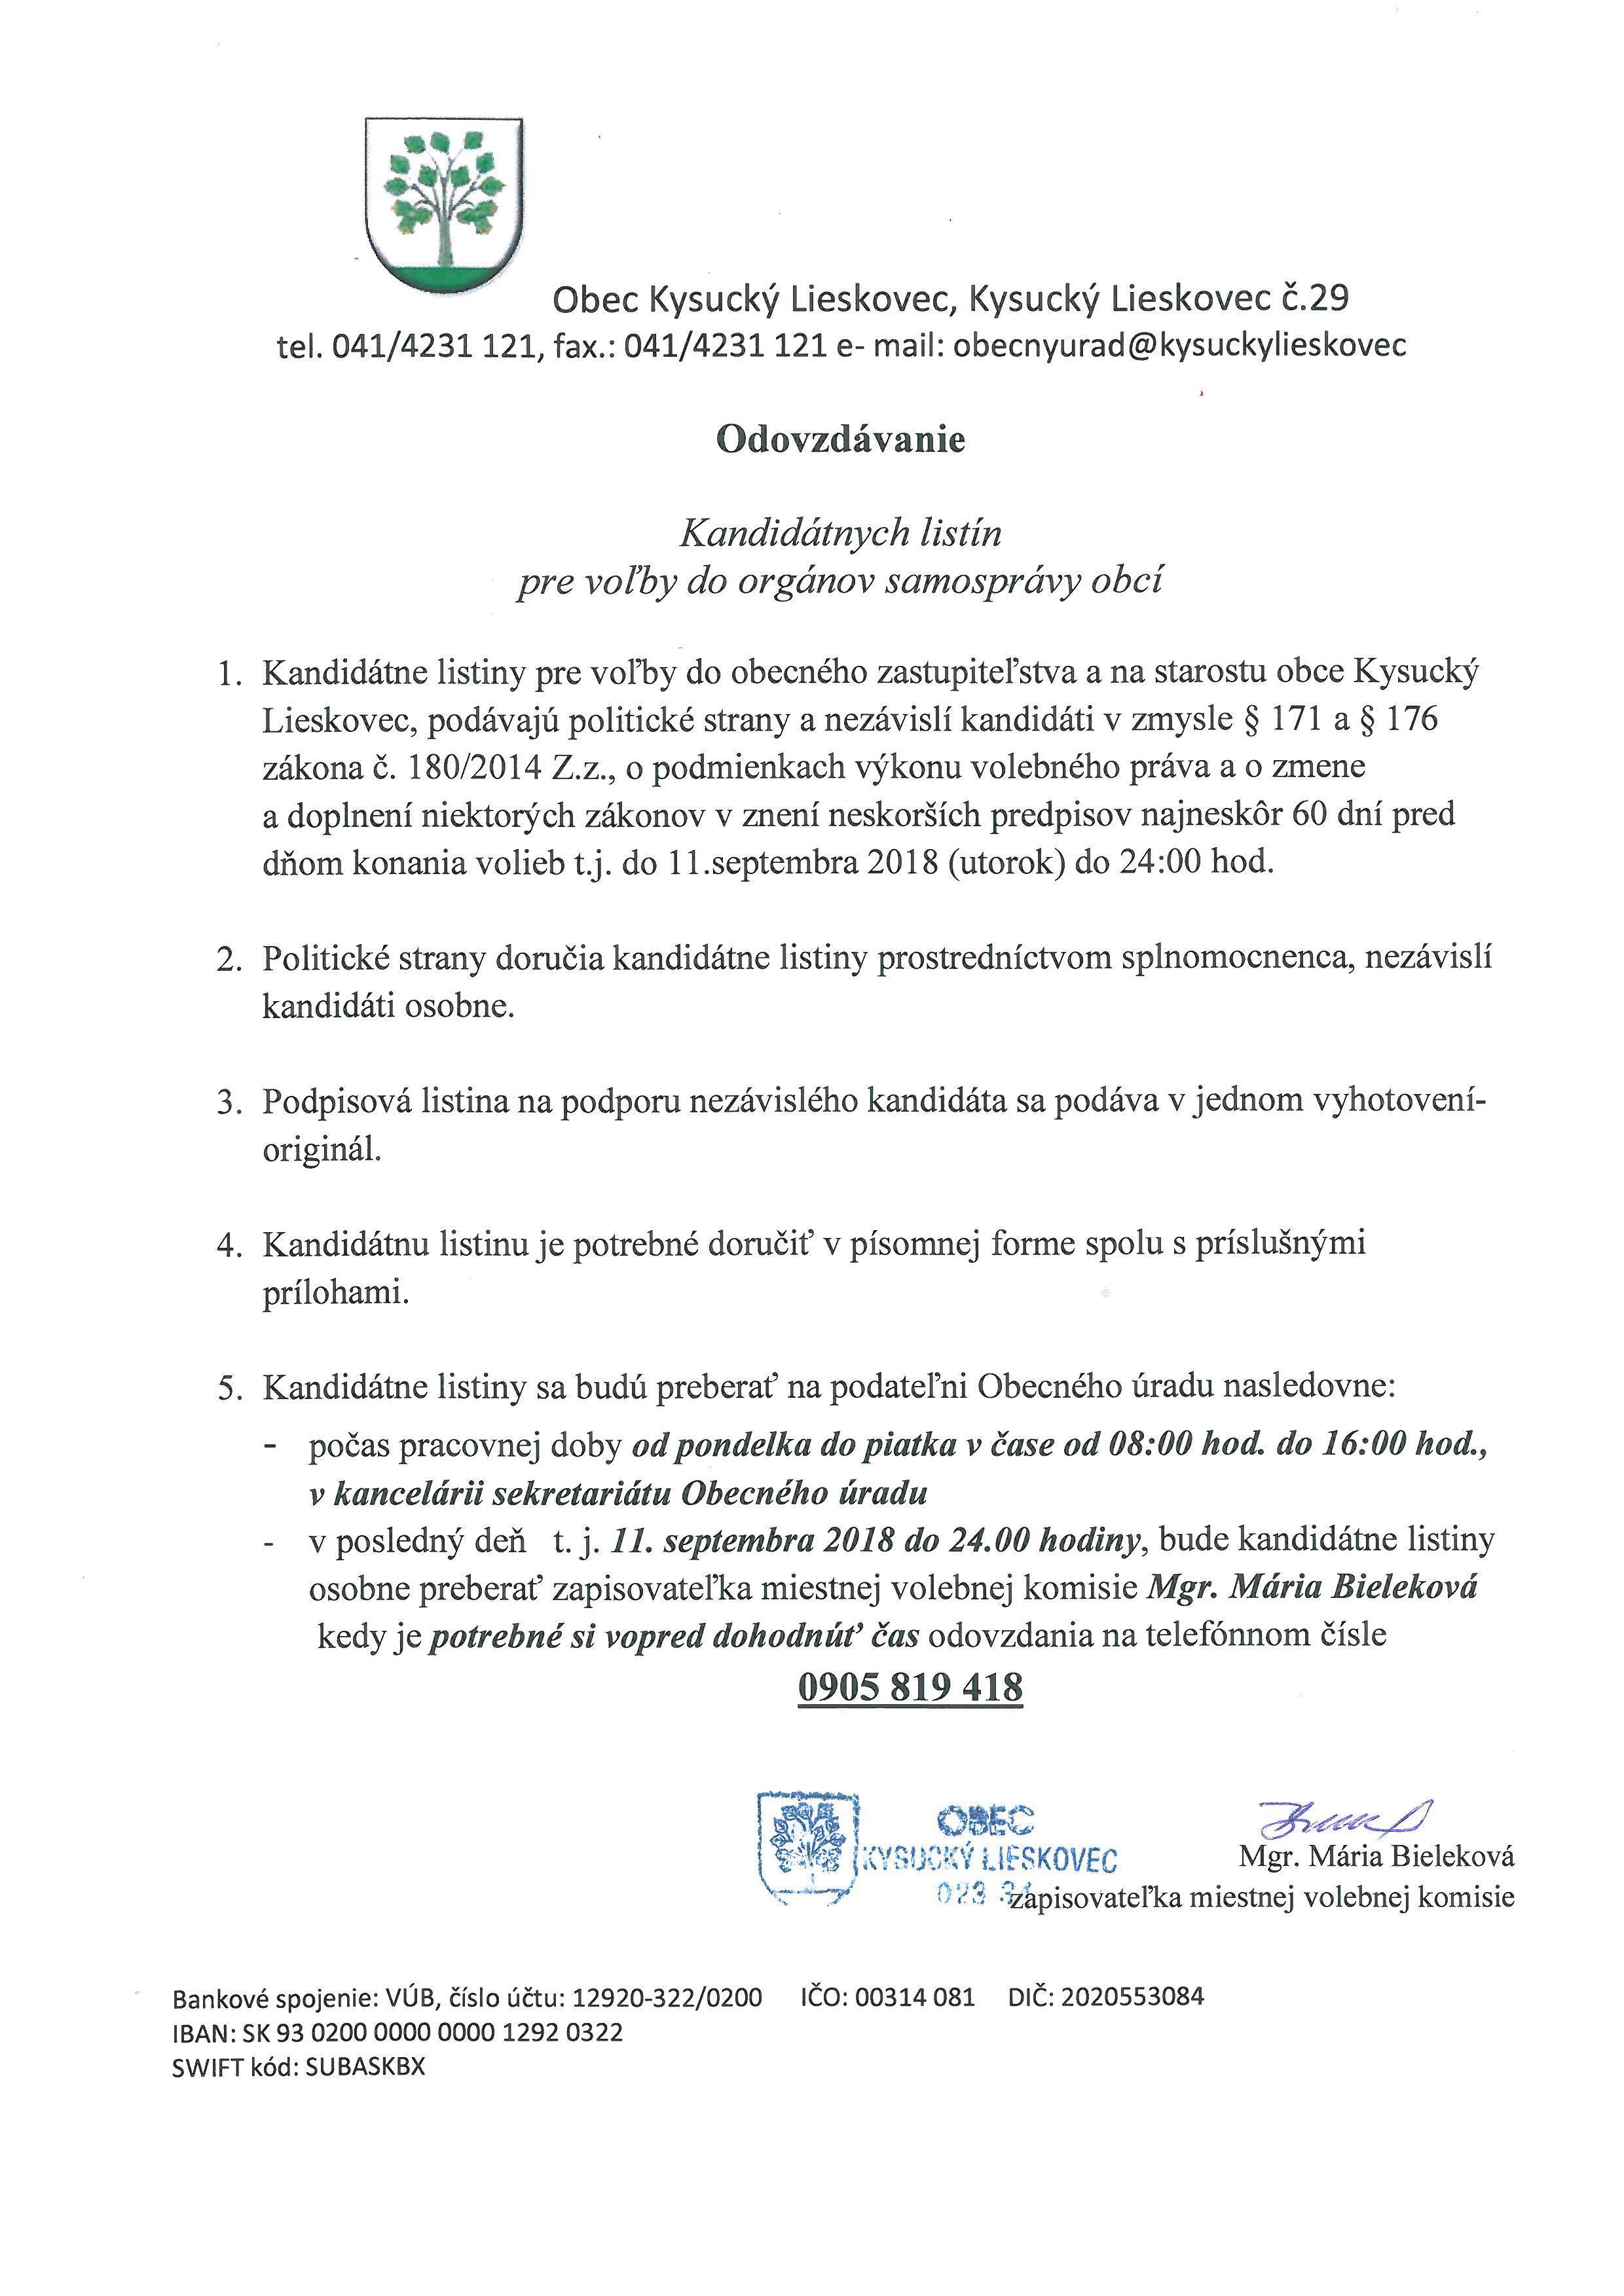 Informácia o odovzdávaní kandidátnych listín pre voľby do orgánov samosprávy obcí